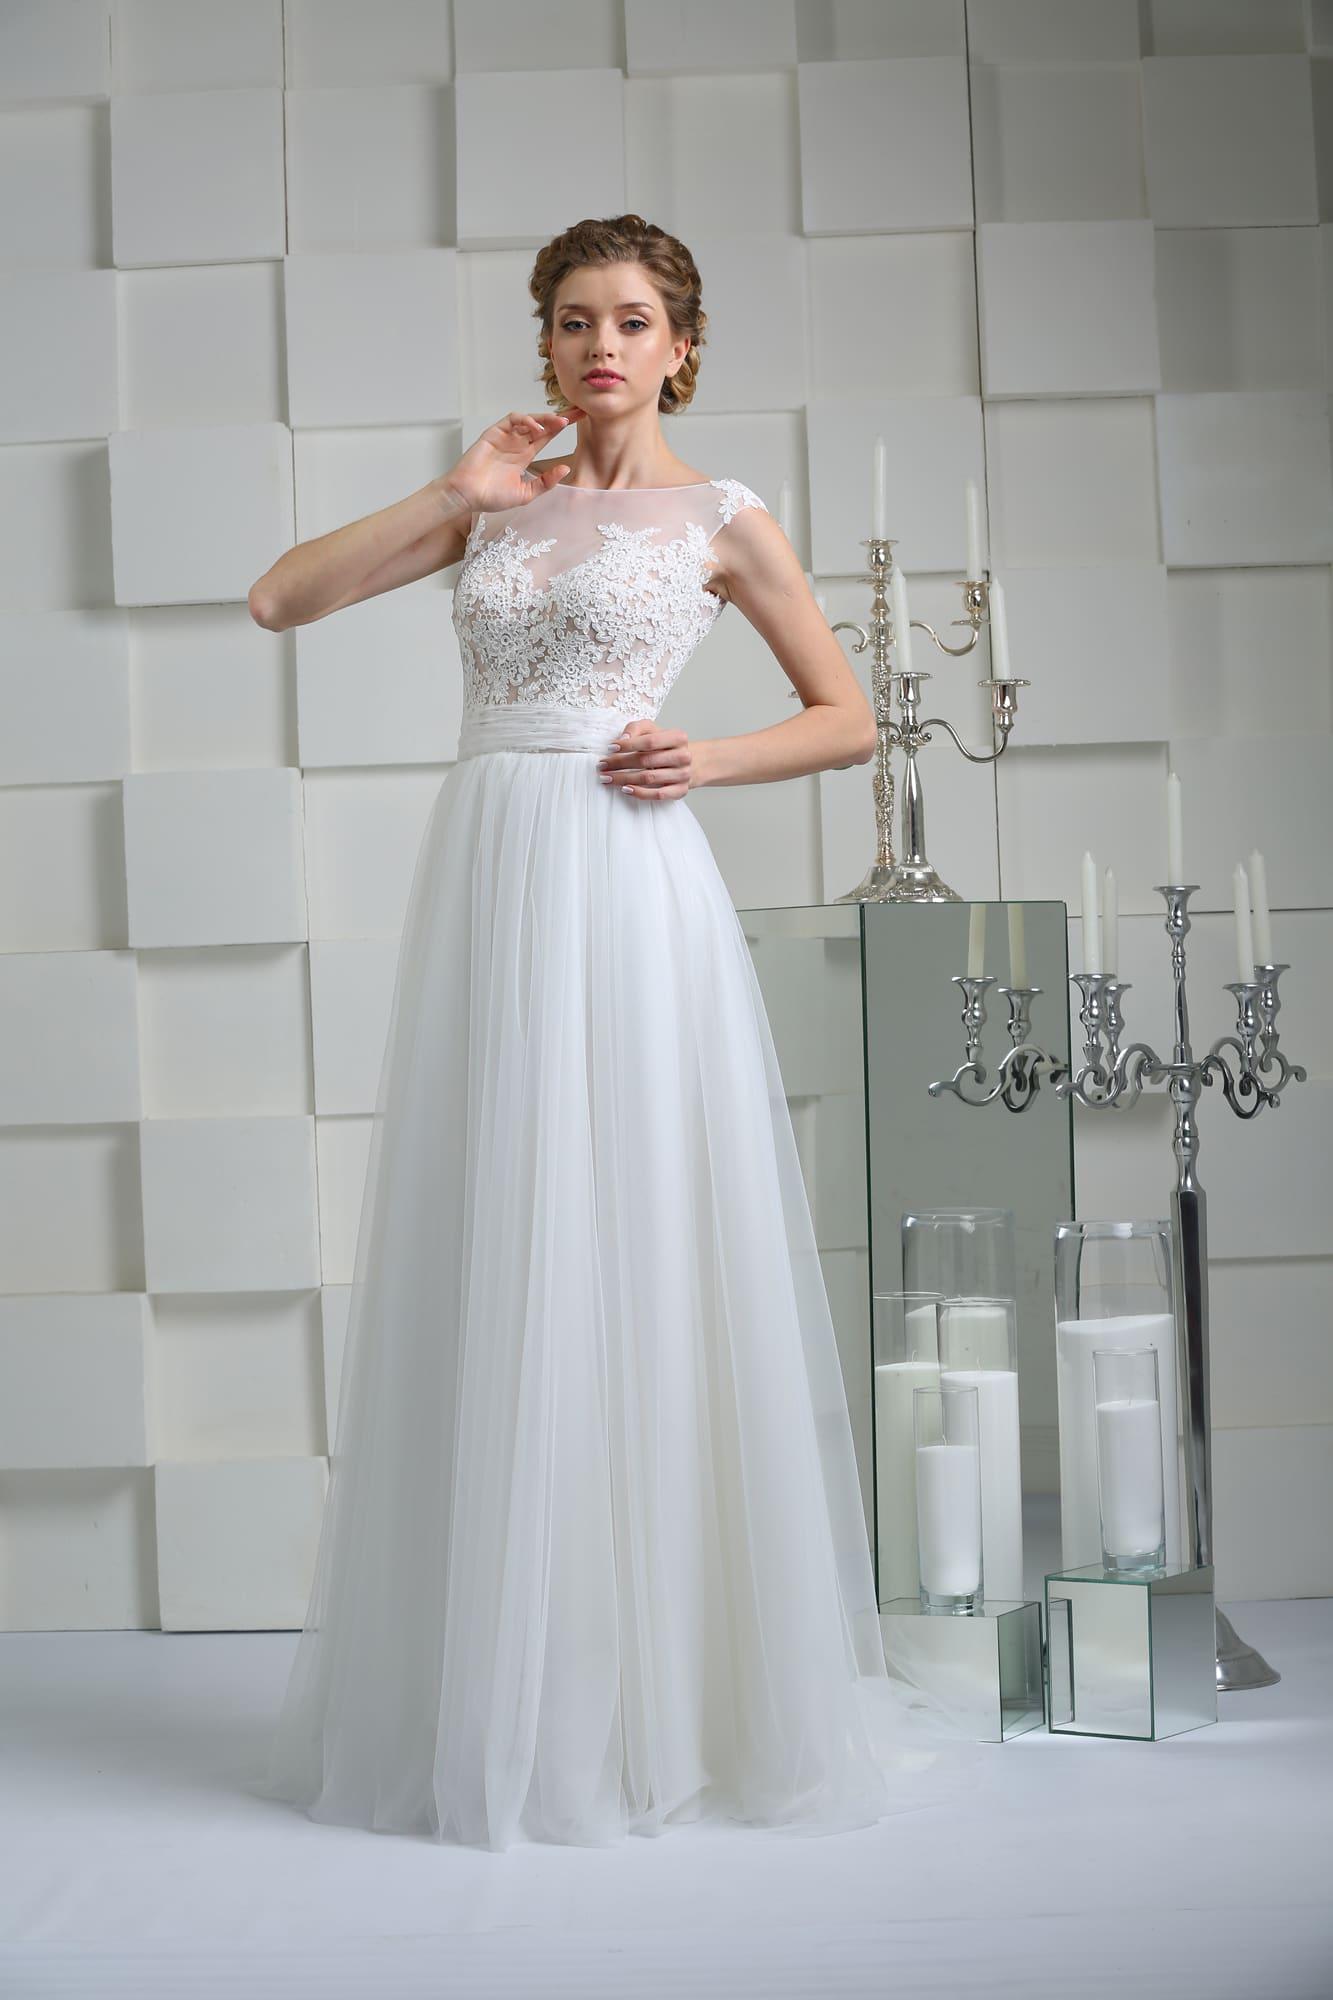 f2c7f4e5137ca82 Прямое свадебное платье с открытой спинкой и лифом, покрытым кружевной  отделкой.